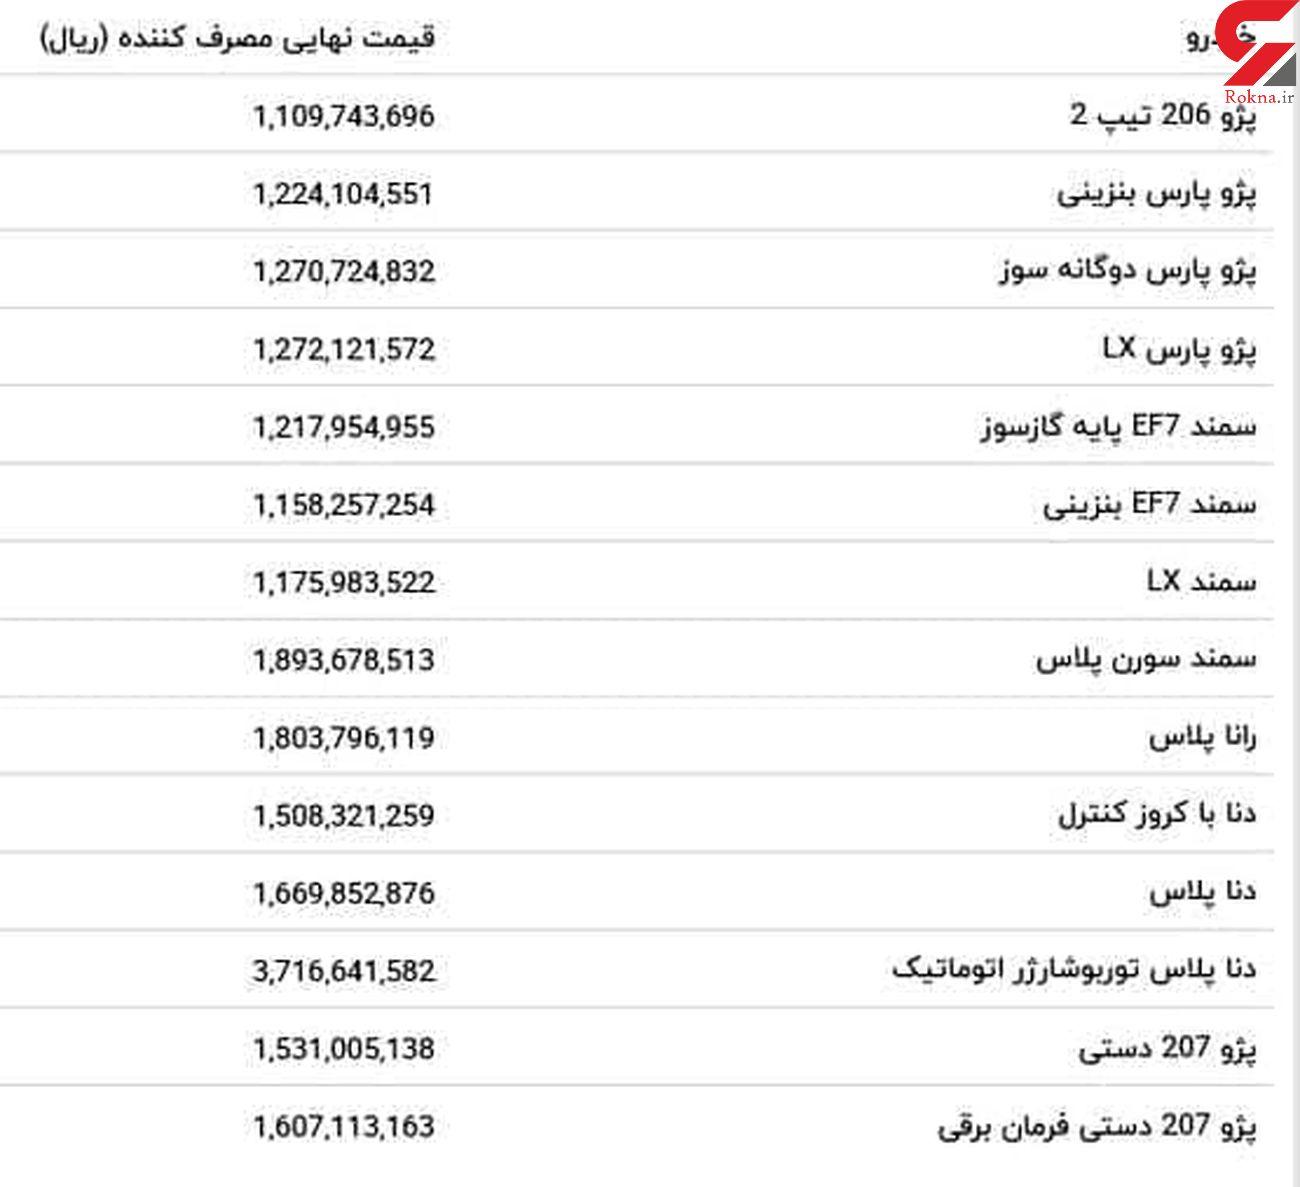 افزایش قیمت محصولات ایرانخودرو + جدول